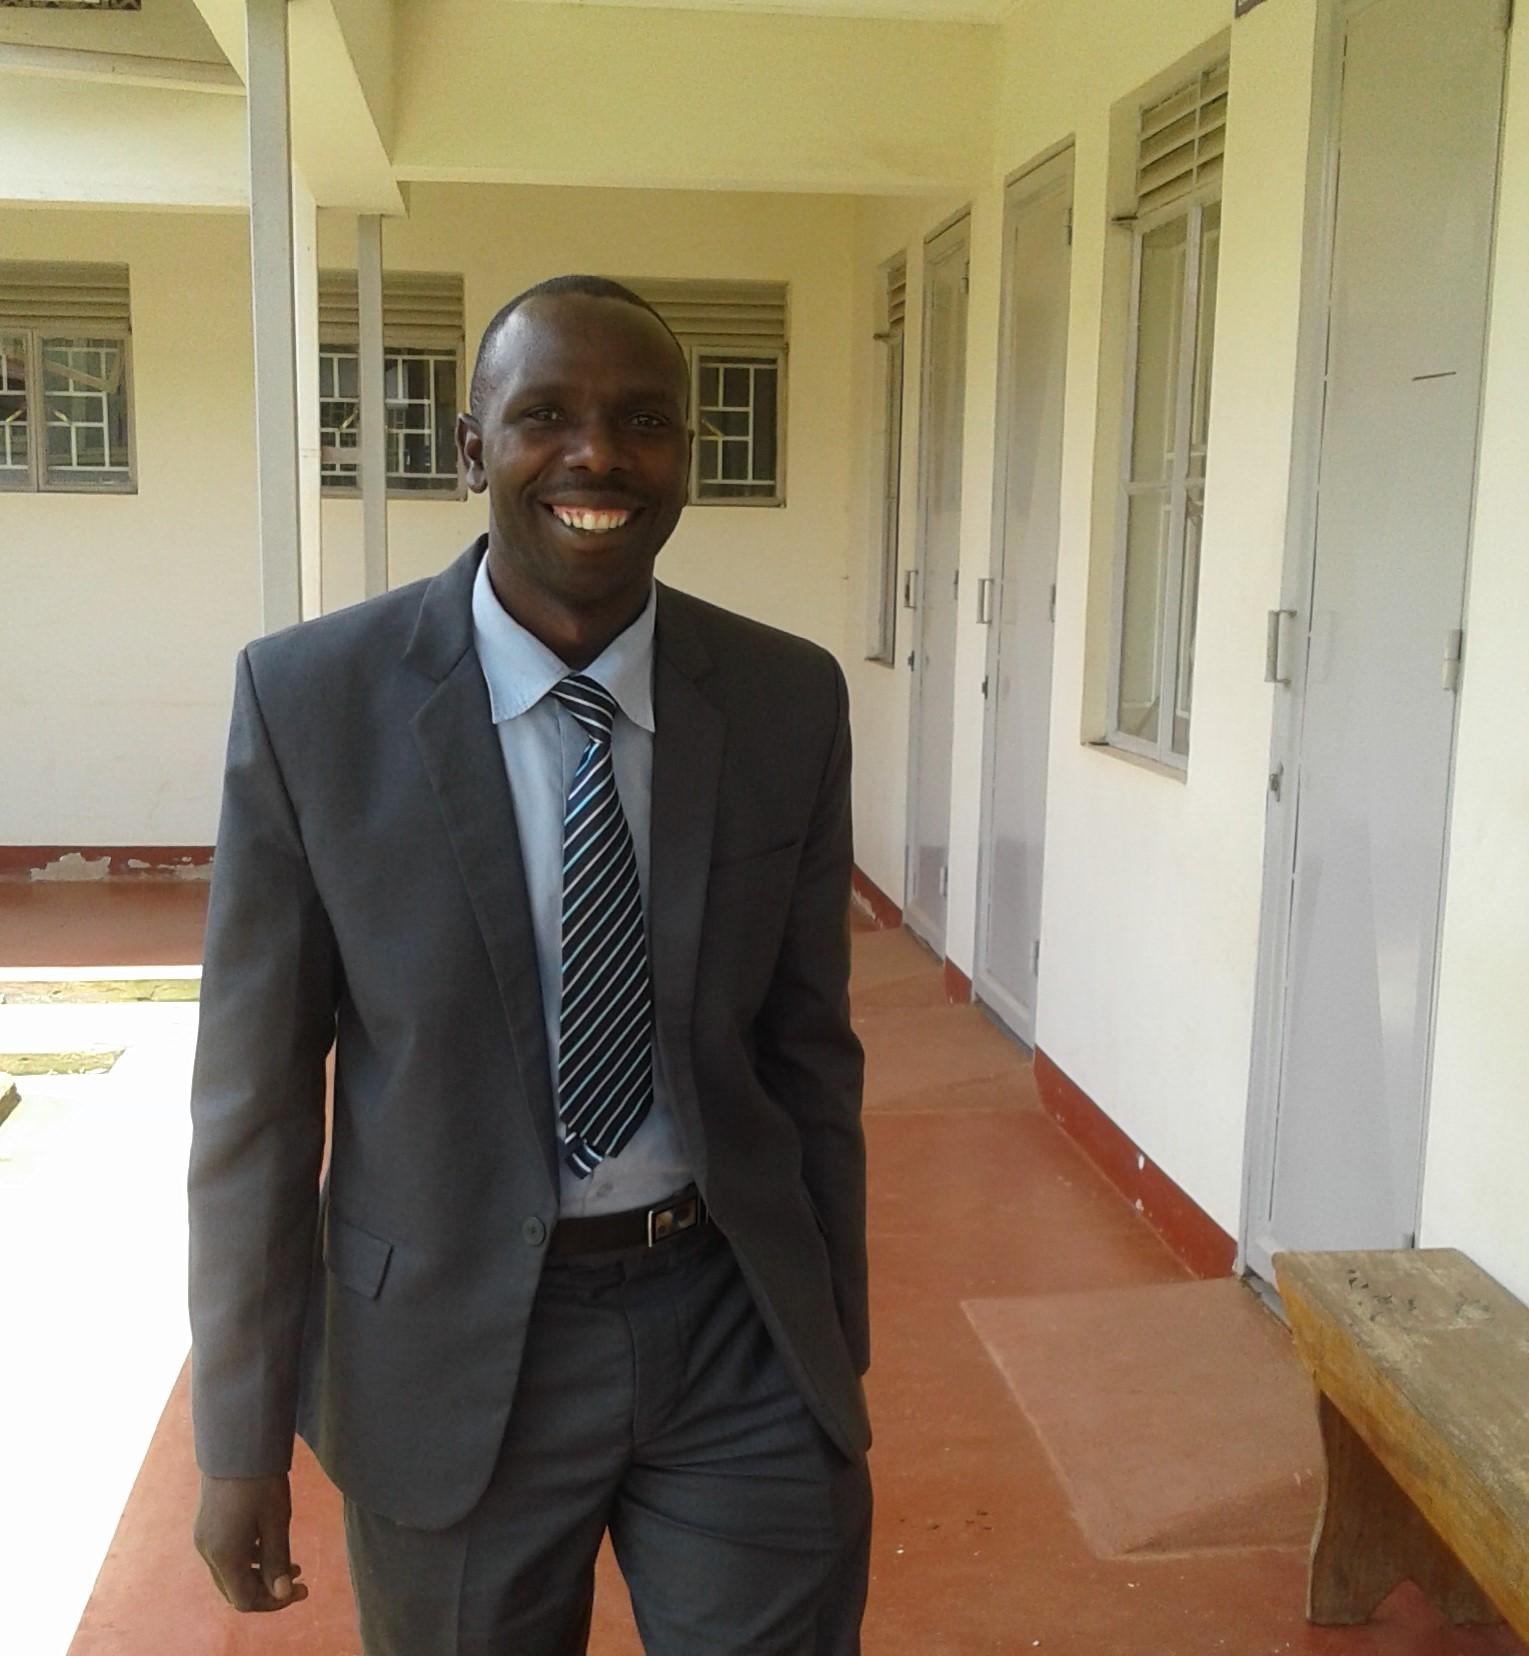 UGANDA COVID 19 REPORT – JOHNSON MWEBEMBEZI